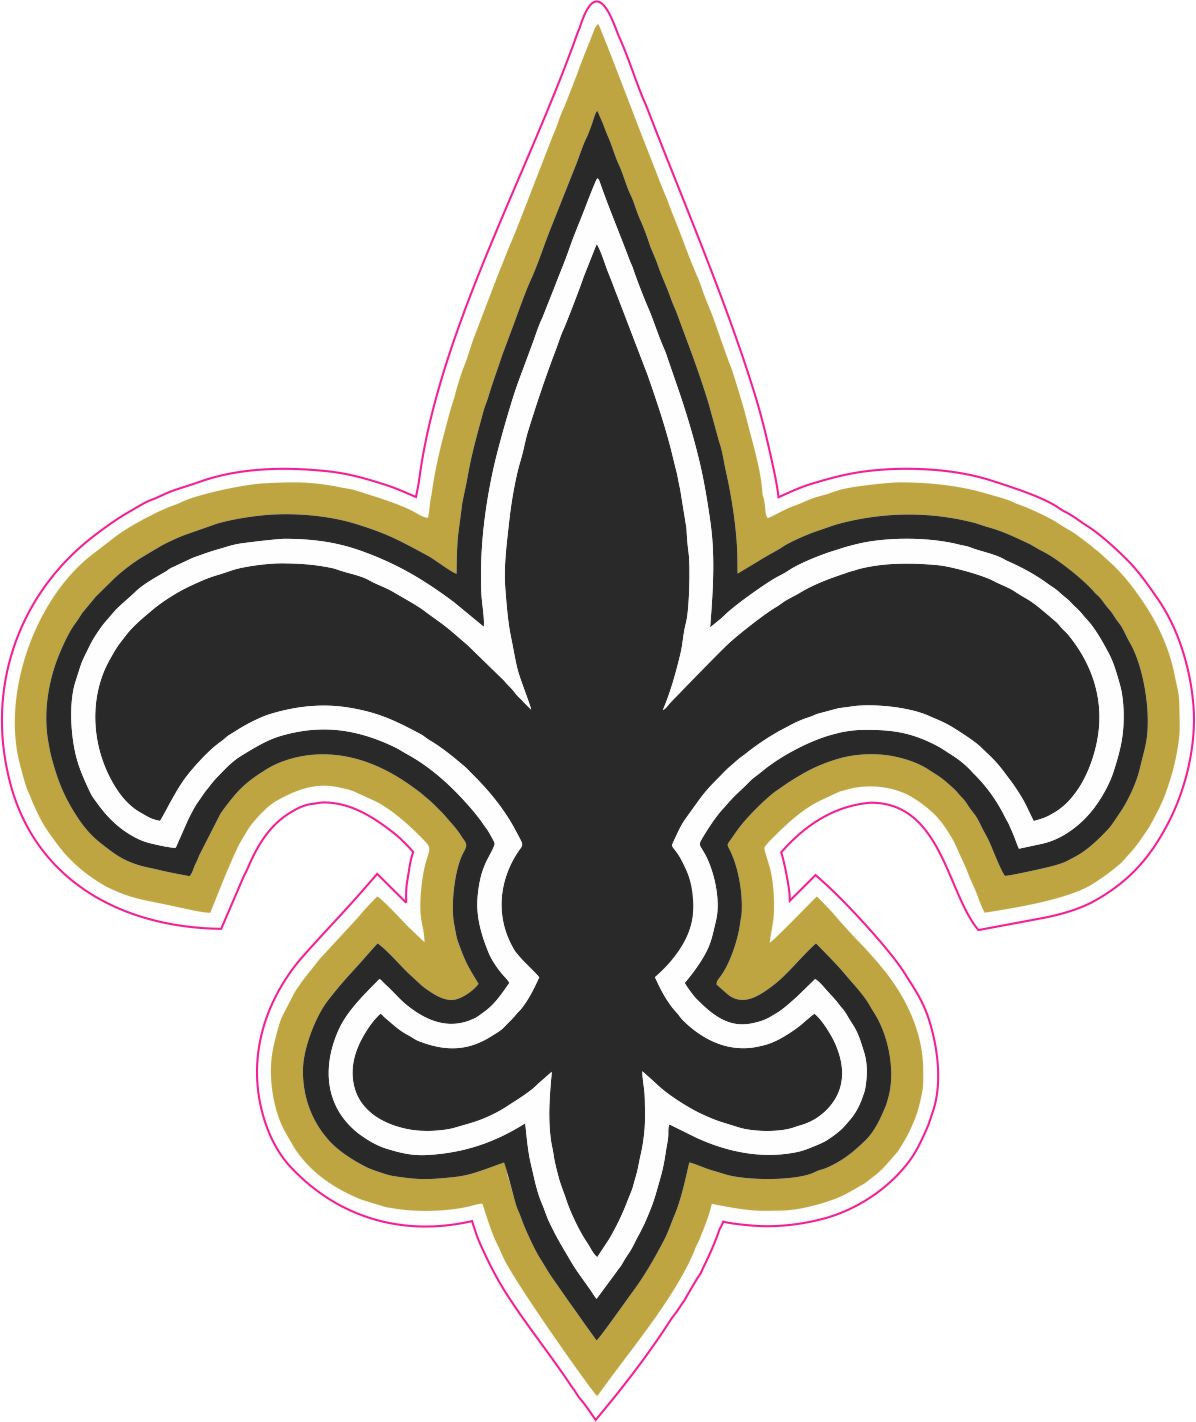 New Orleans Saints Fleur De Lis N8 Free Image